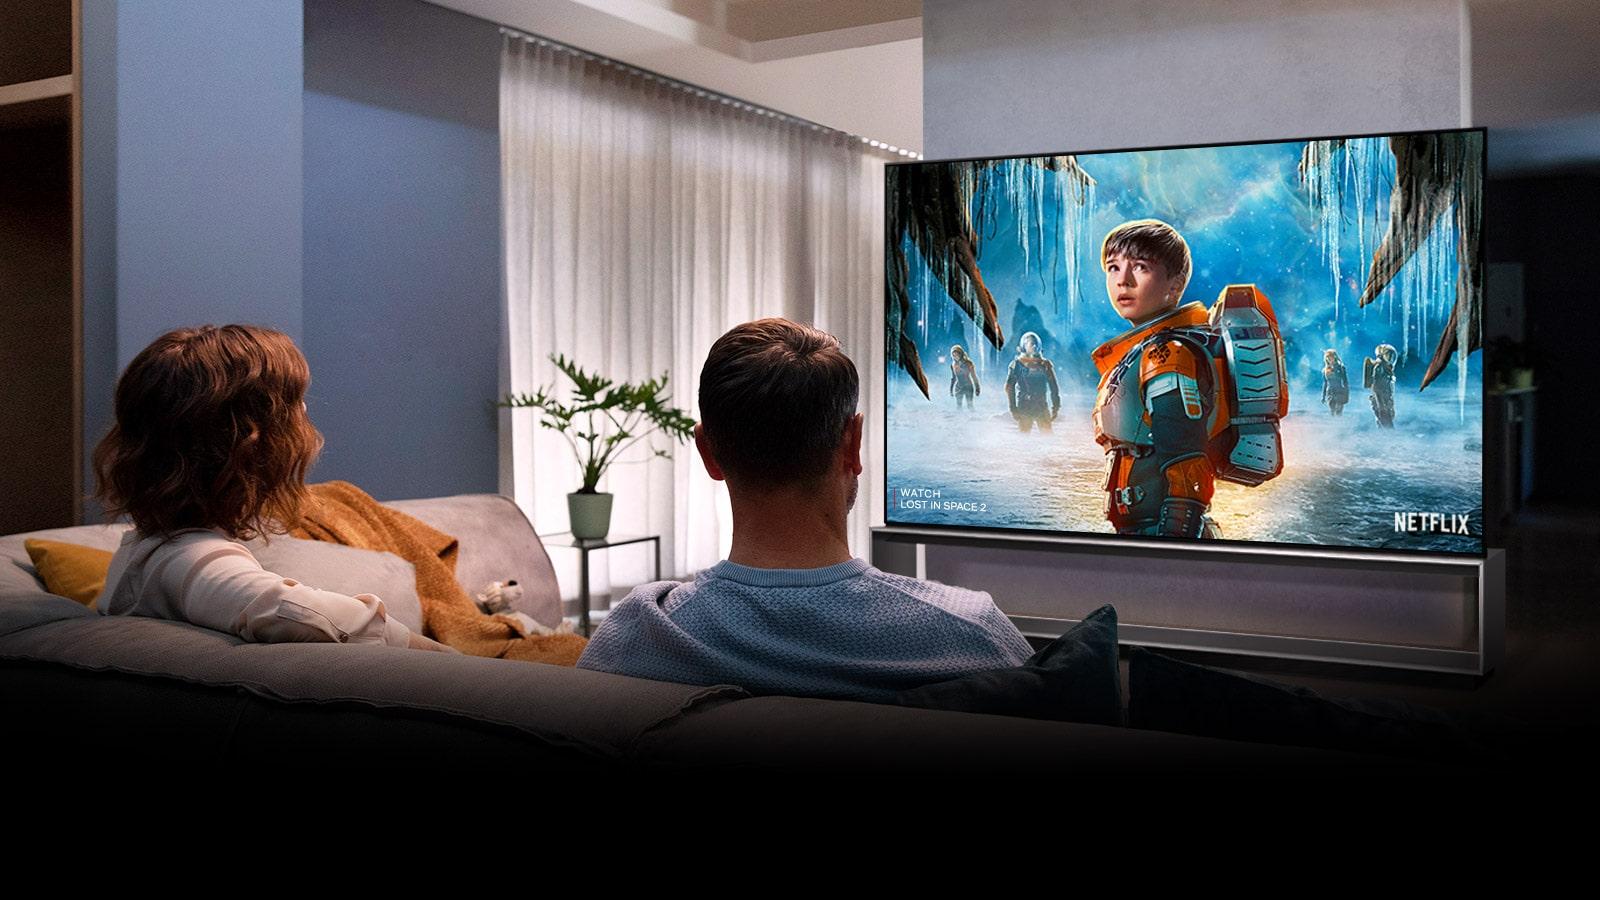 Pár sedící na pohovce v obývacím pokoji a sledující seriál LOST IN SPACE 2 v televizi